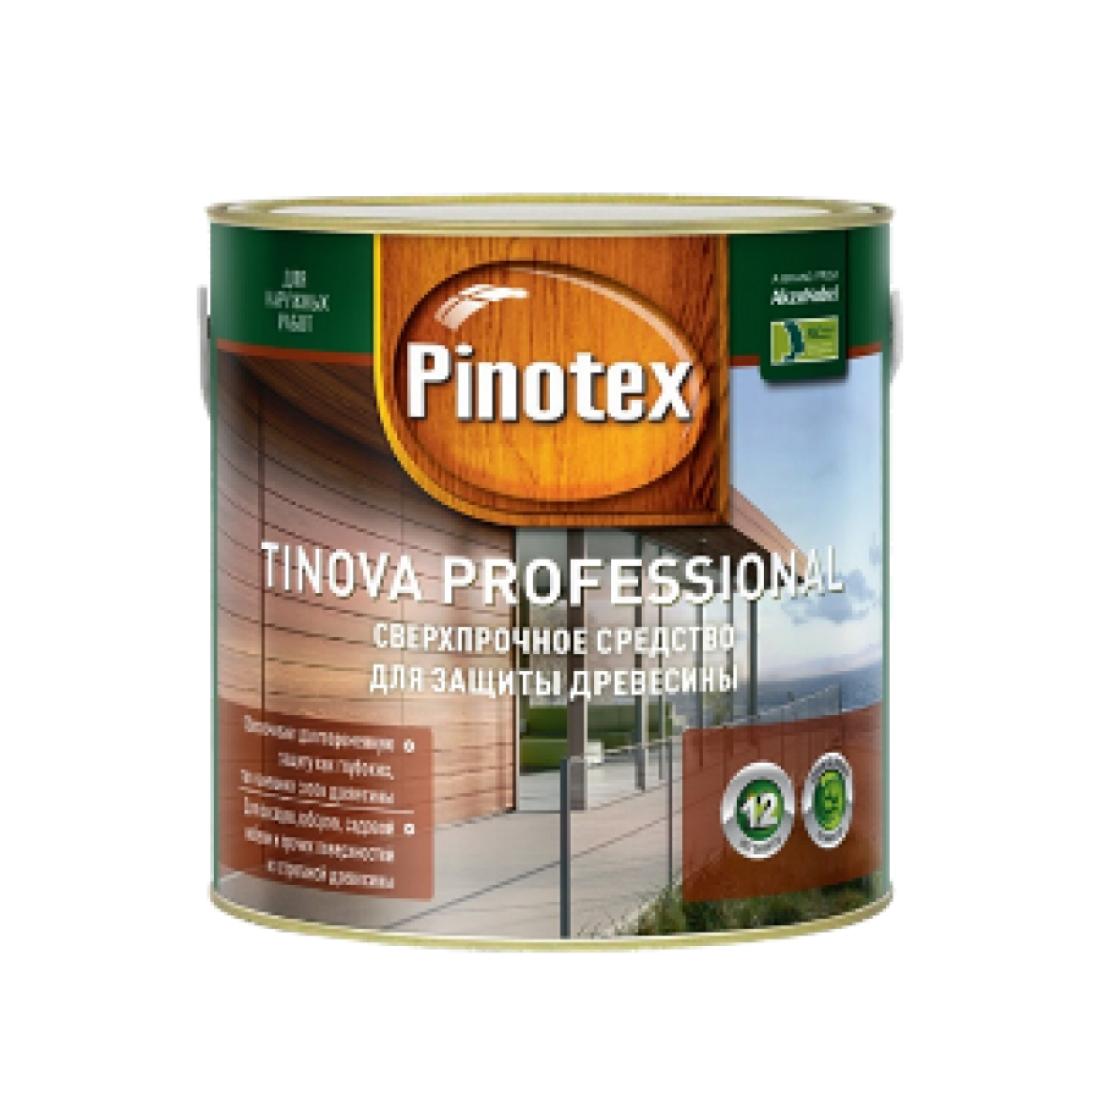 PINOTEX TINOVA цветной антисептик для профессиональной защиты, гарантия 12 лет! (0,75 л) Дуб